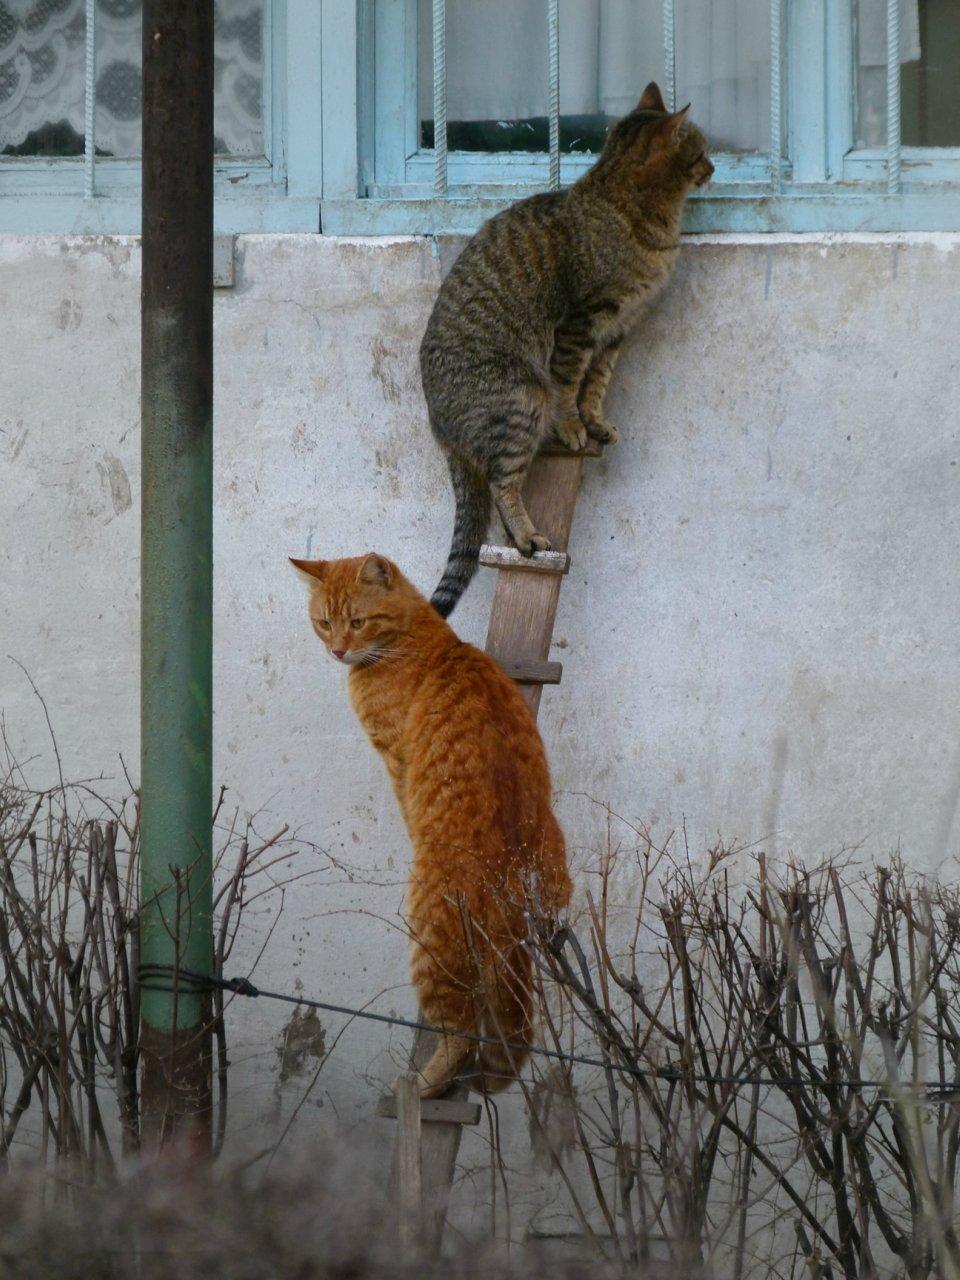 Кот К Весне Похудел. Почему кошка стала худеть, если ест плохо или хорошо, что это может быть: причины потери веса